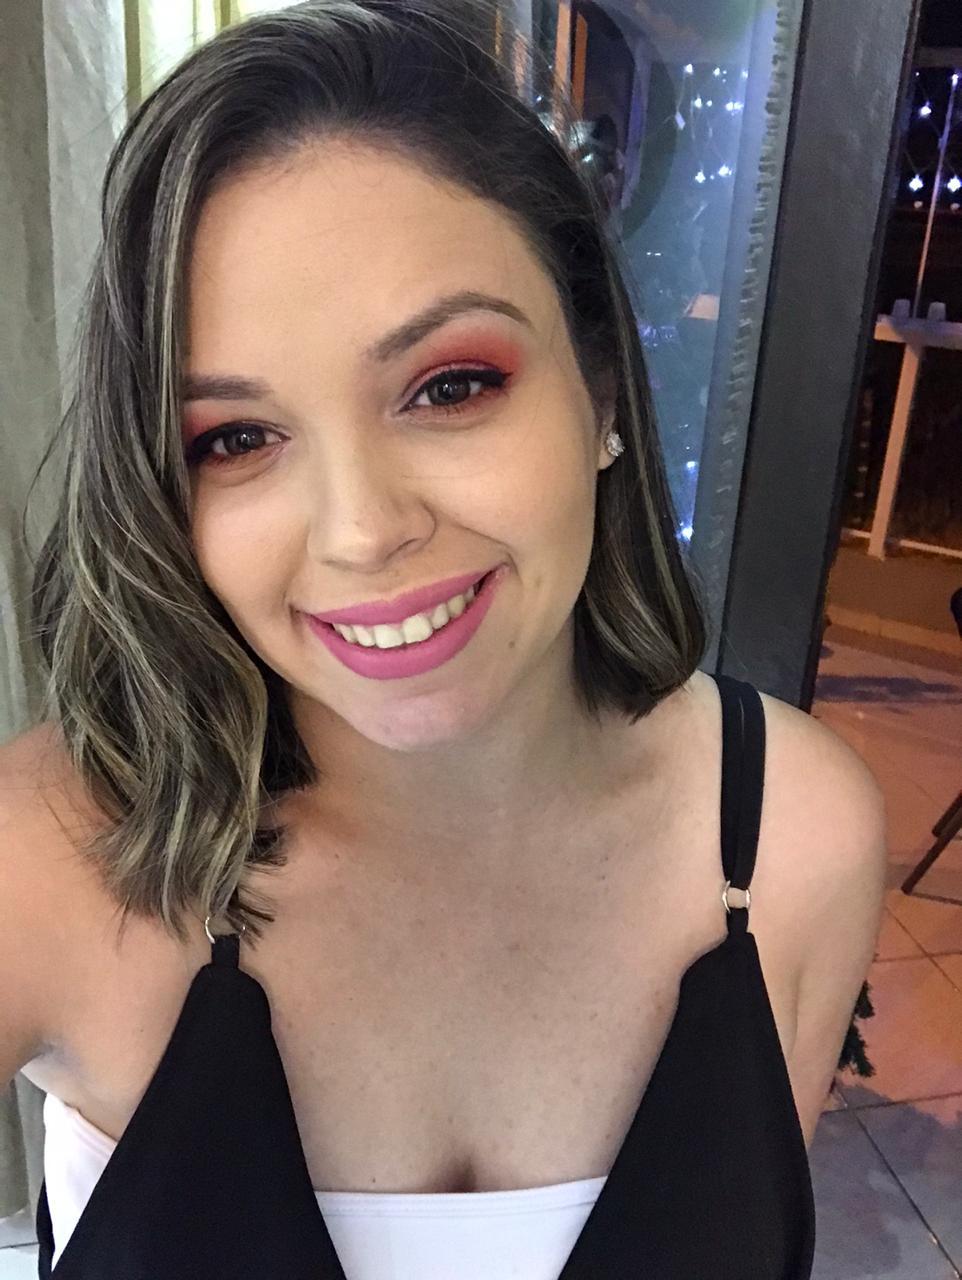 Gracielle Souza